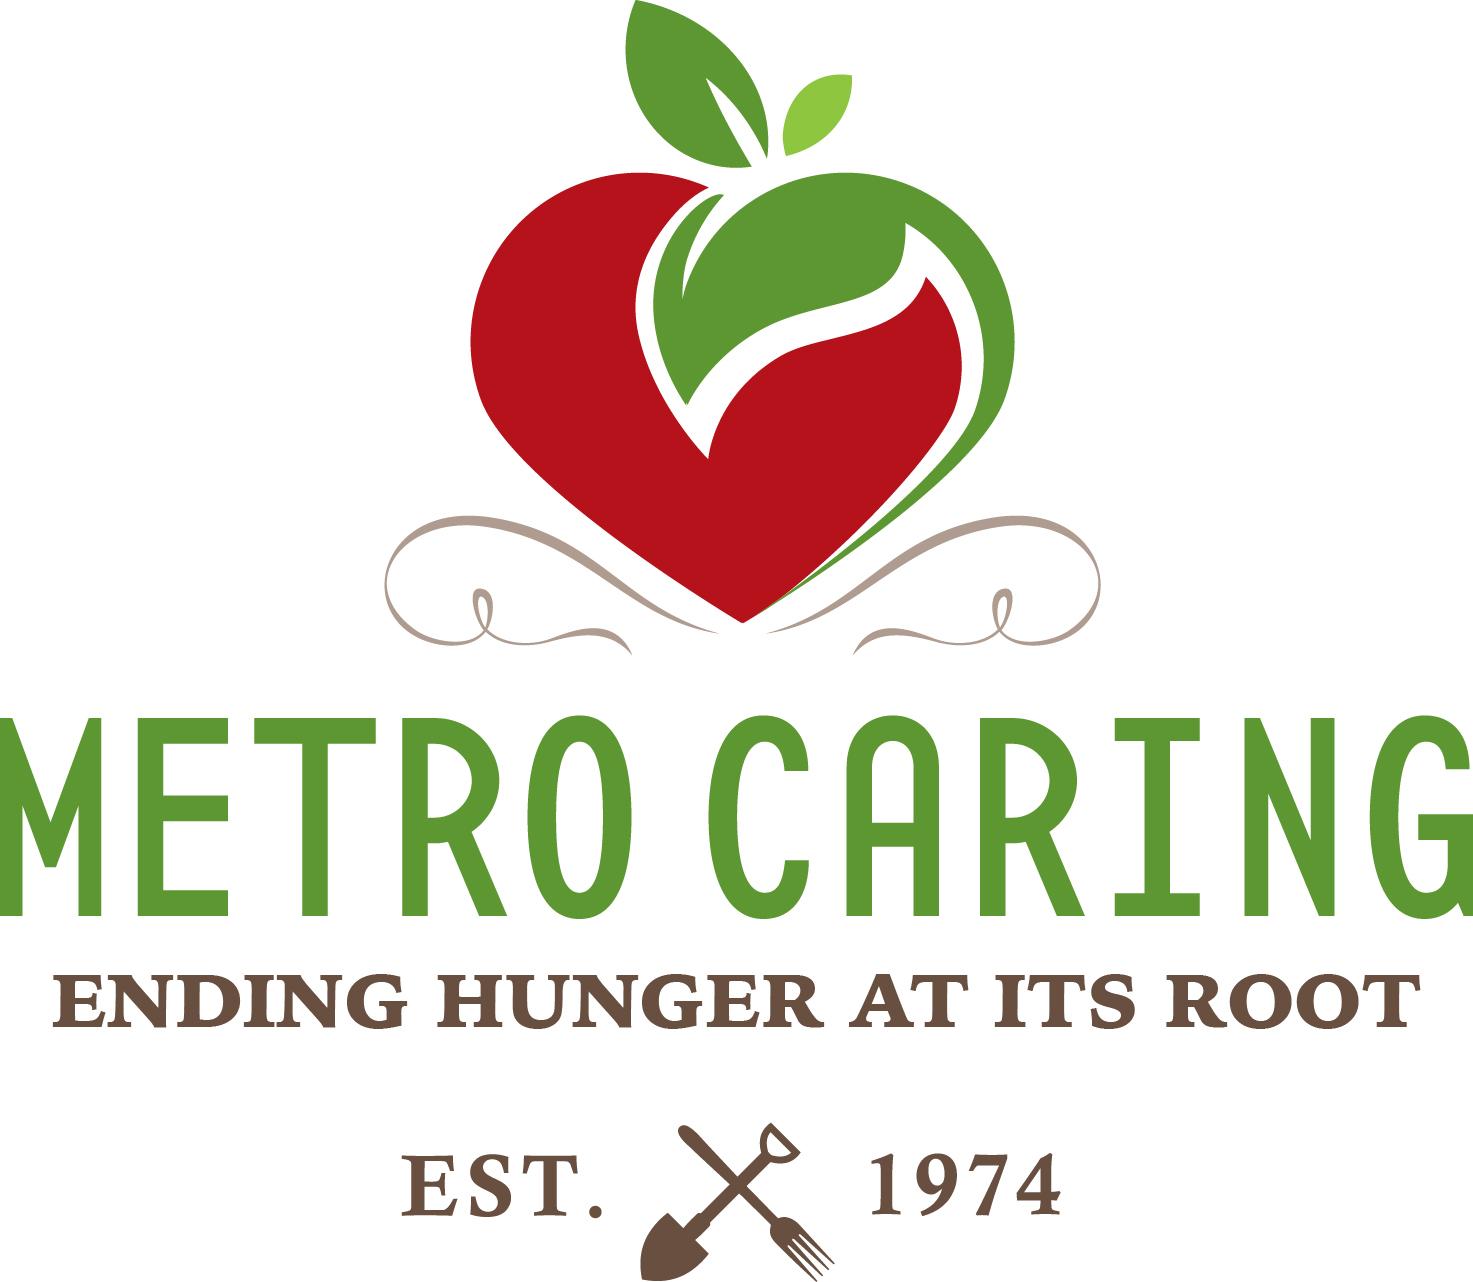 Ending hunger at its root: Metro Caring | Corona Insights